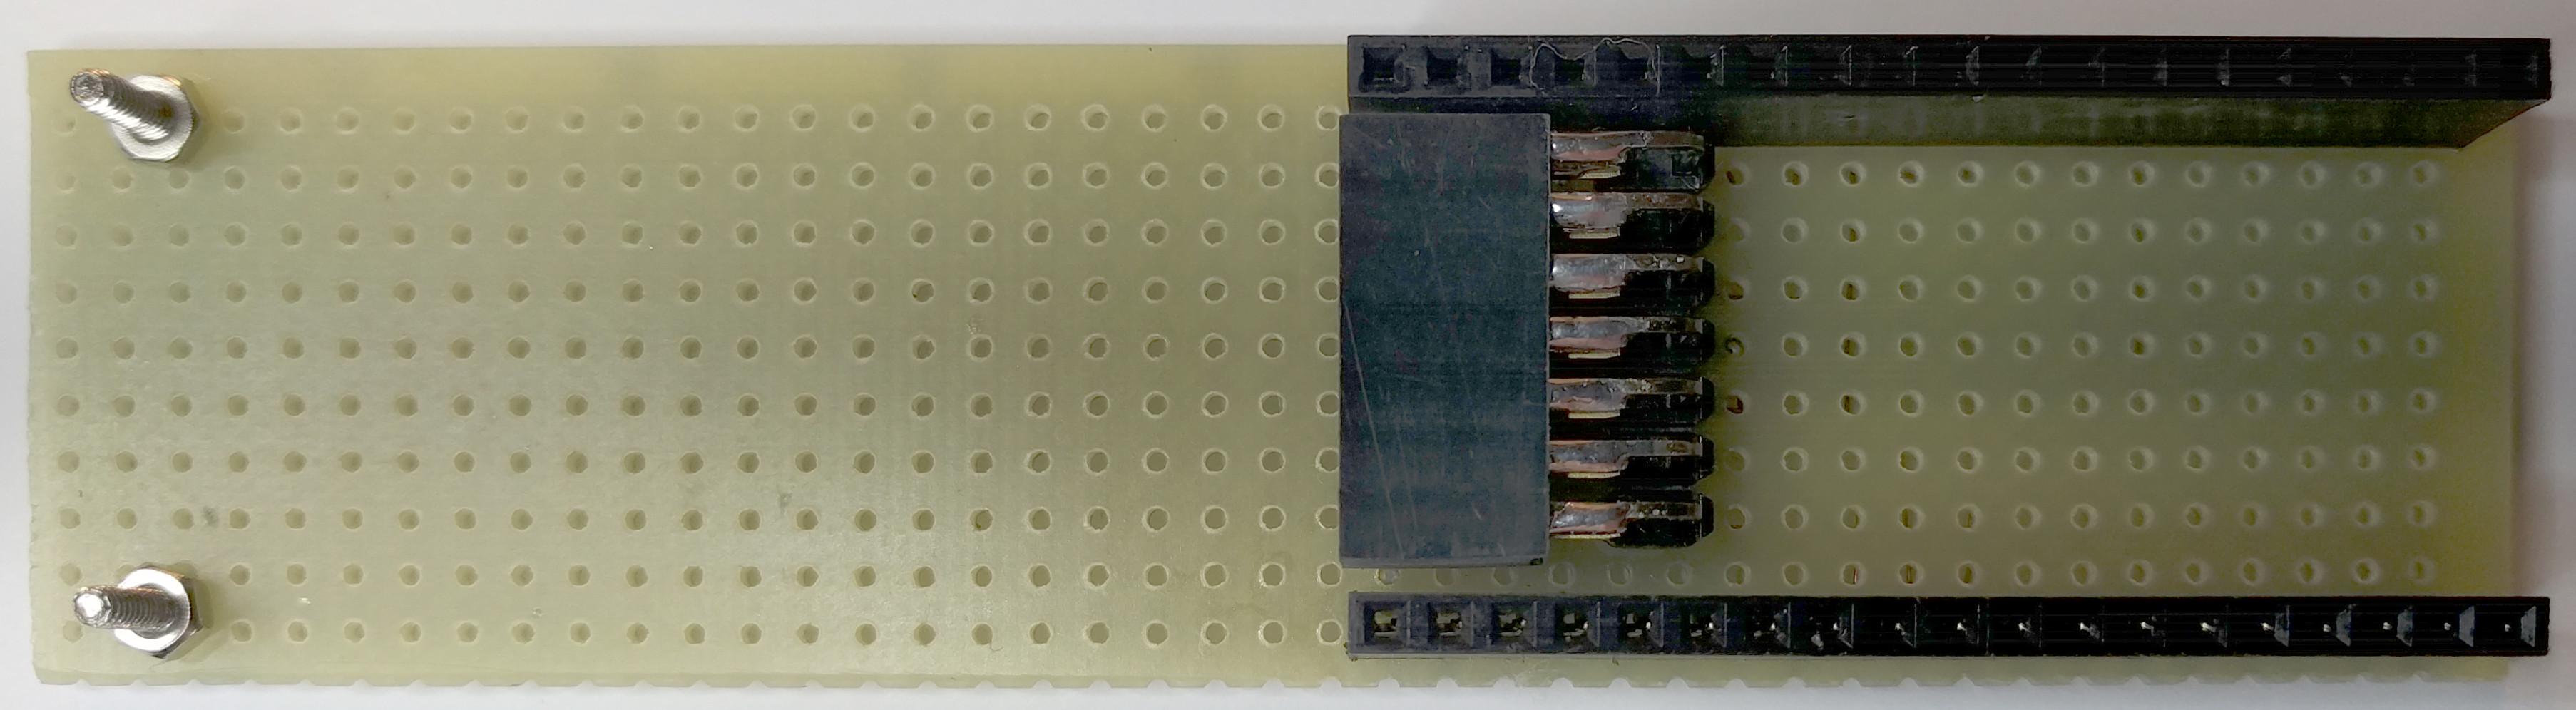 Ethernet on ESP32 using LAN8720